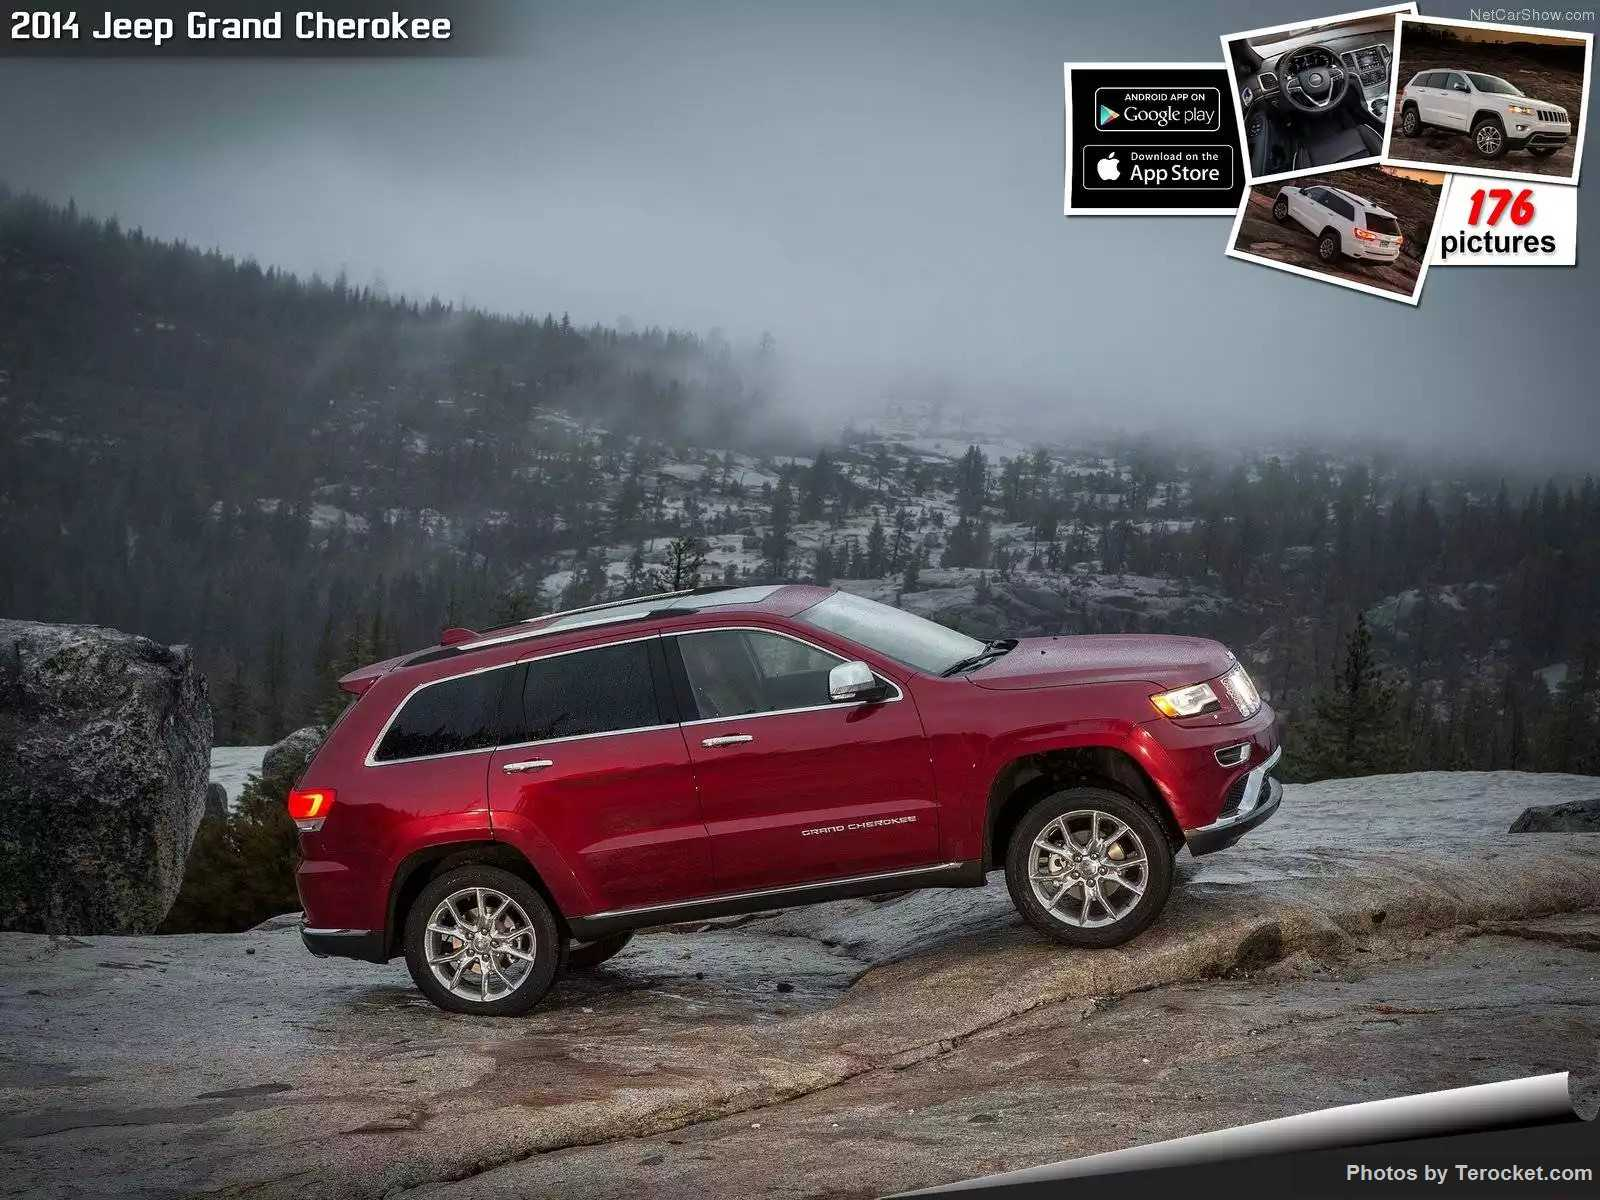 Hình ảnh xe ô tô Jeep Grand Cherokee 2014 & nội ngoại thất